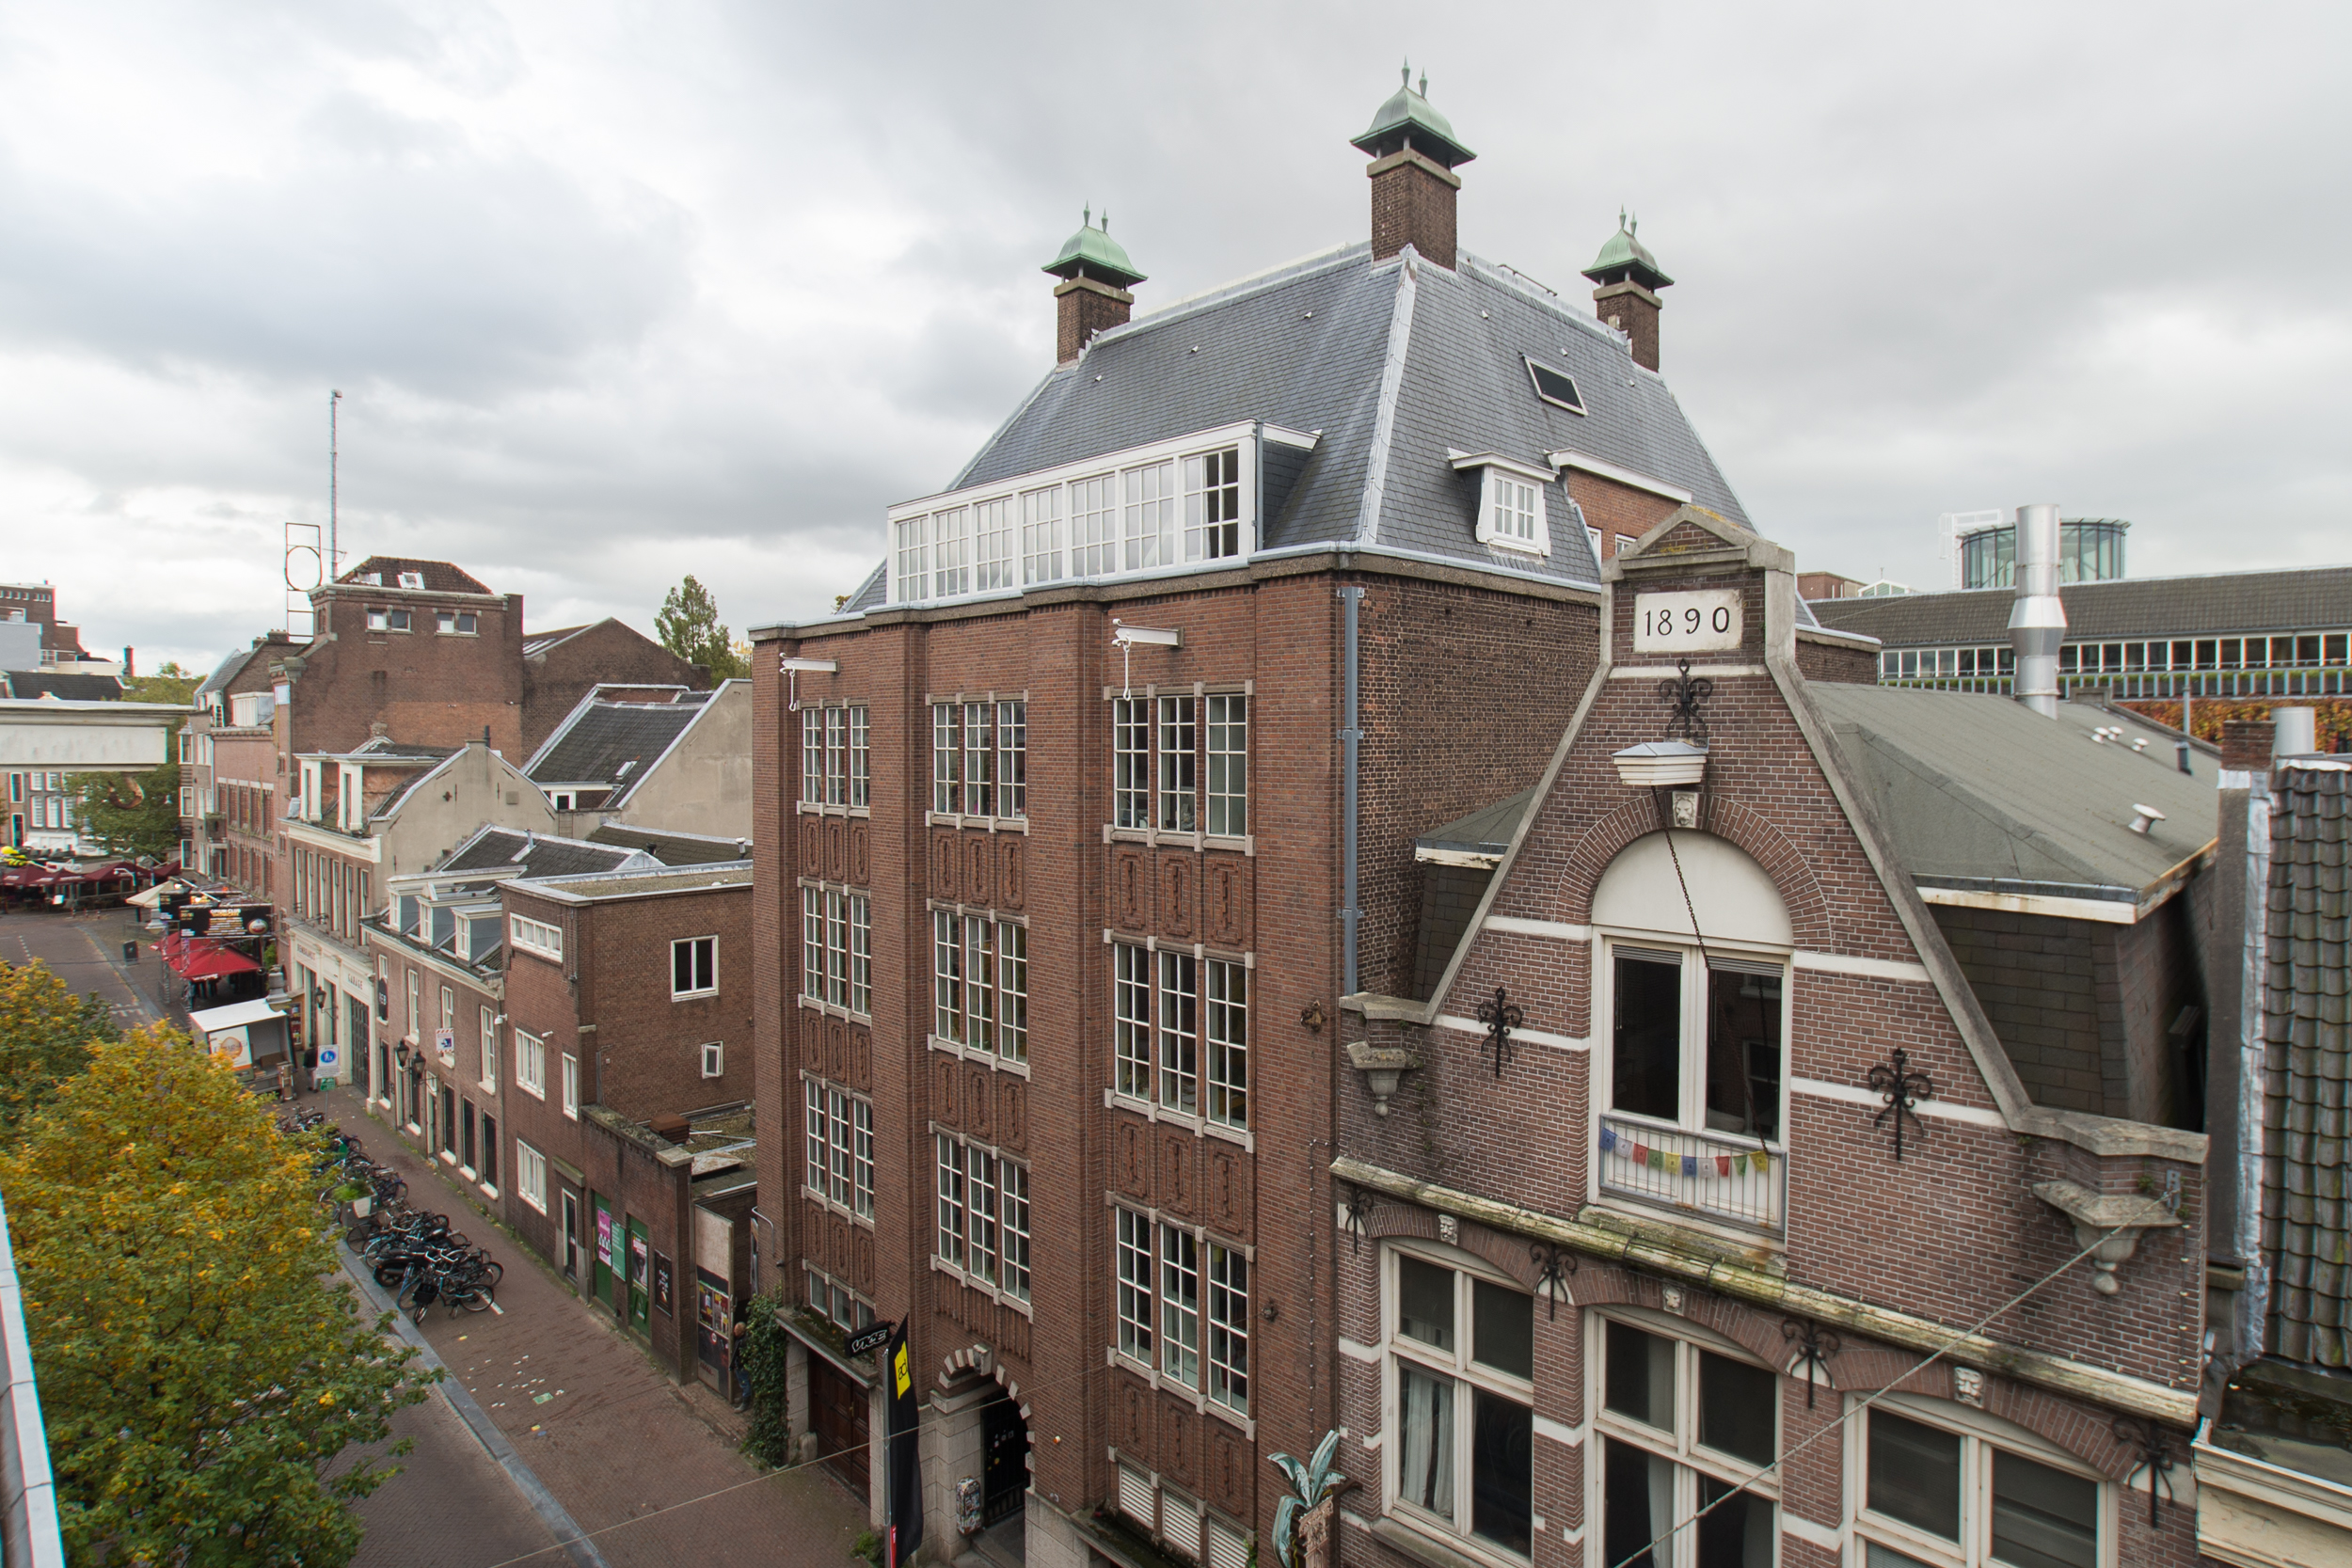 Reguliersdwarsstraat 103-4, Amsterdam